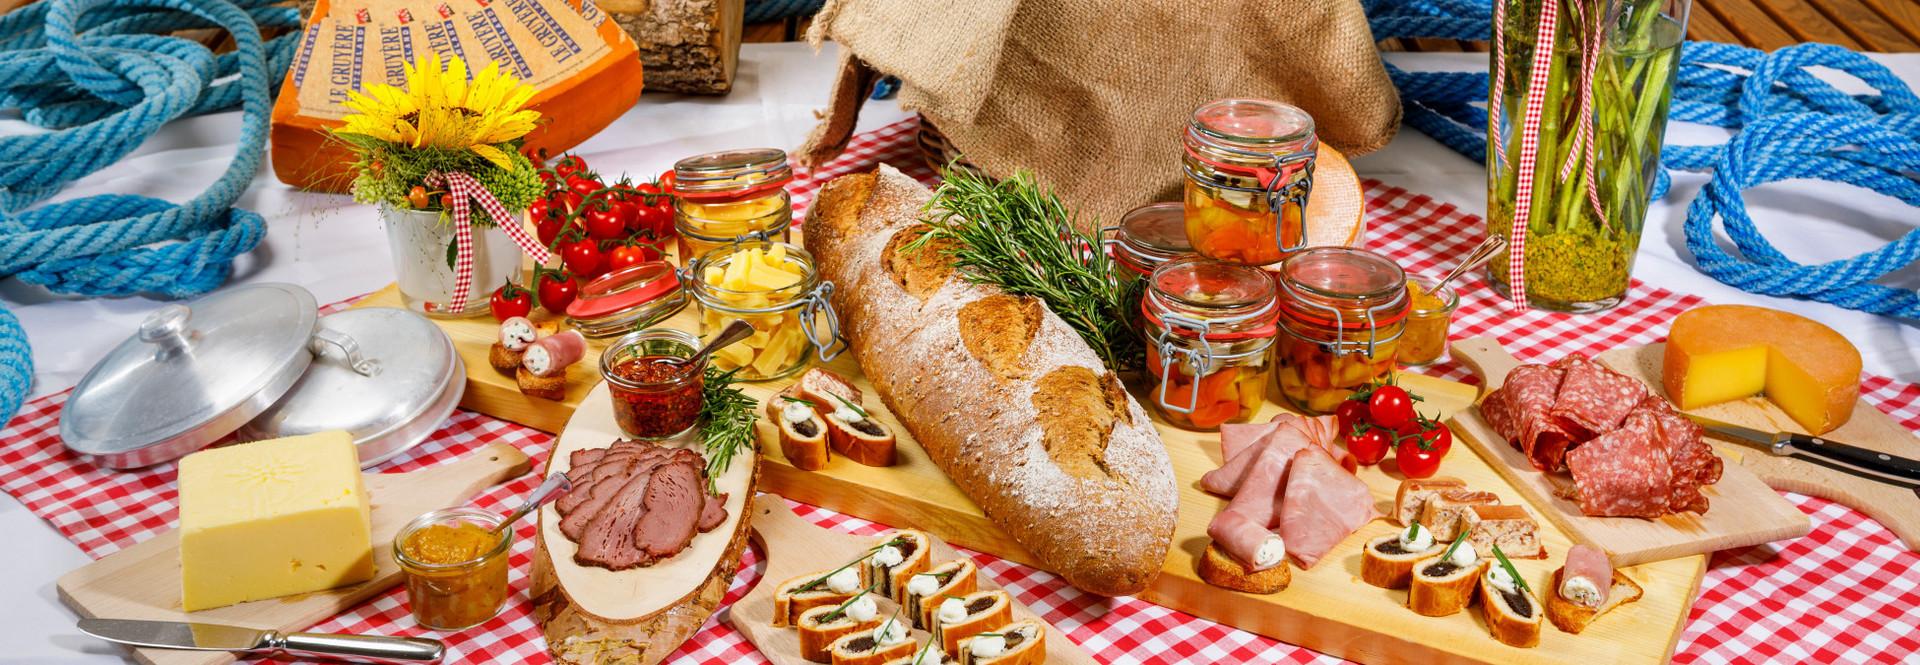 Am Abend des 1. Augusts erwartet ein reichhaltiges Buffet die Gäste auf der Tour de Suisse Schifffahrt.